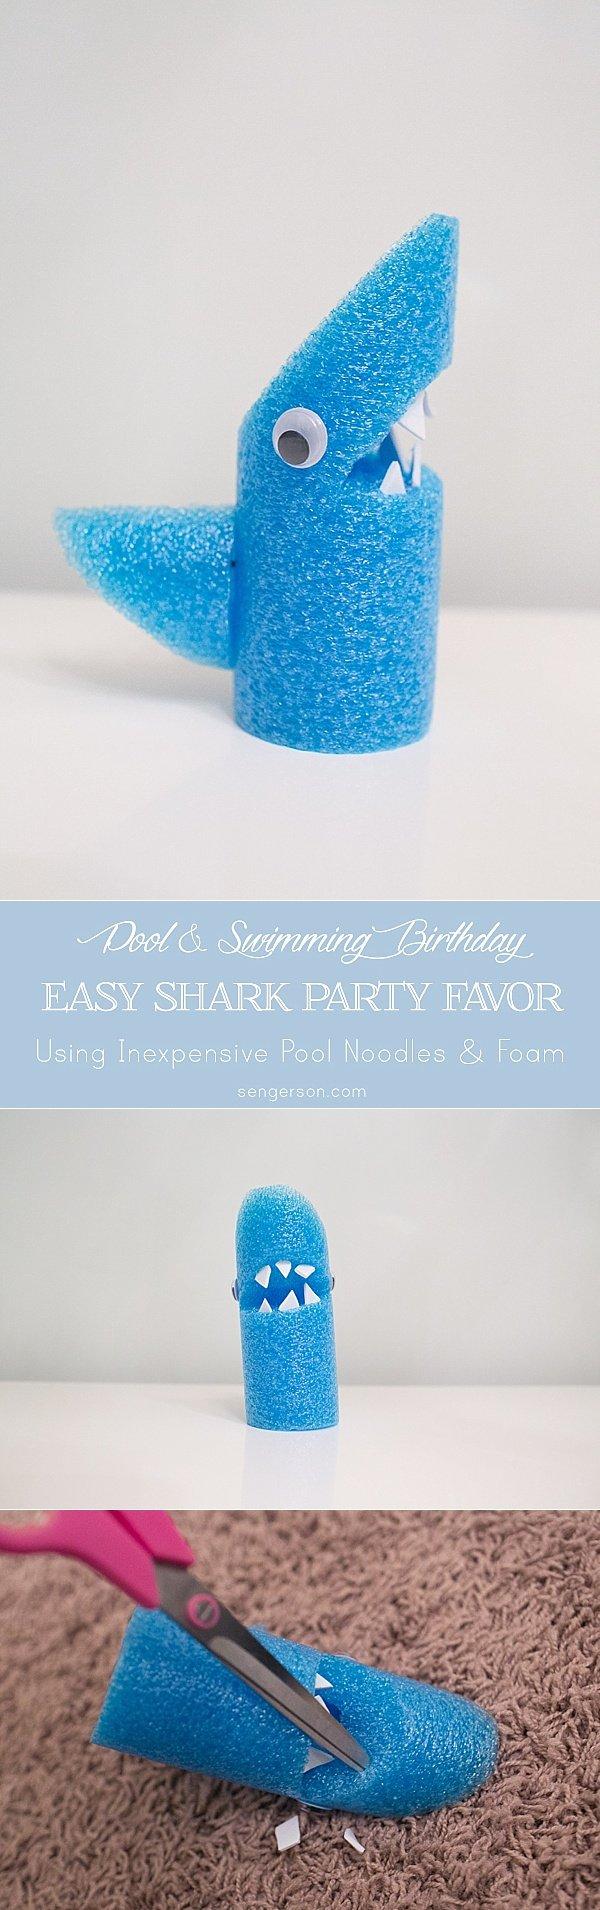 shark party favor idea_0002